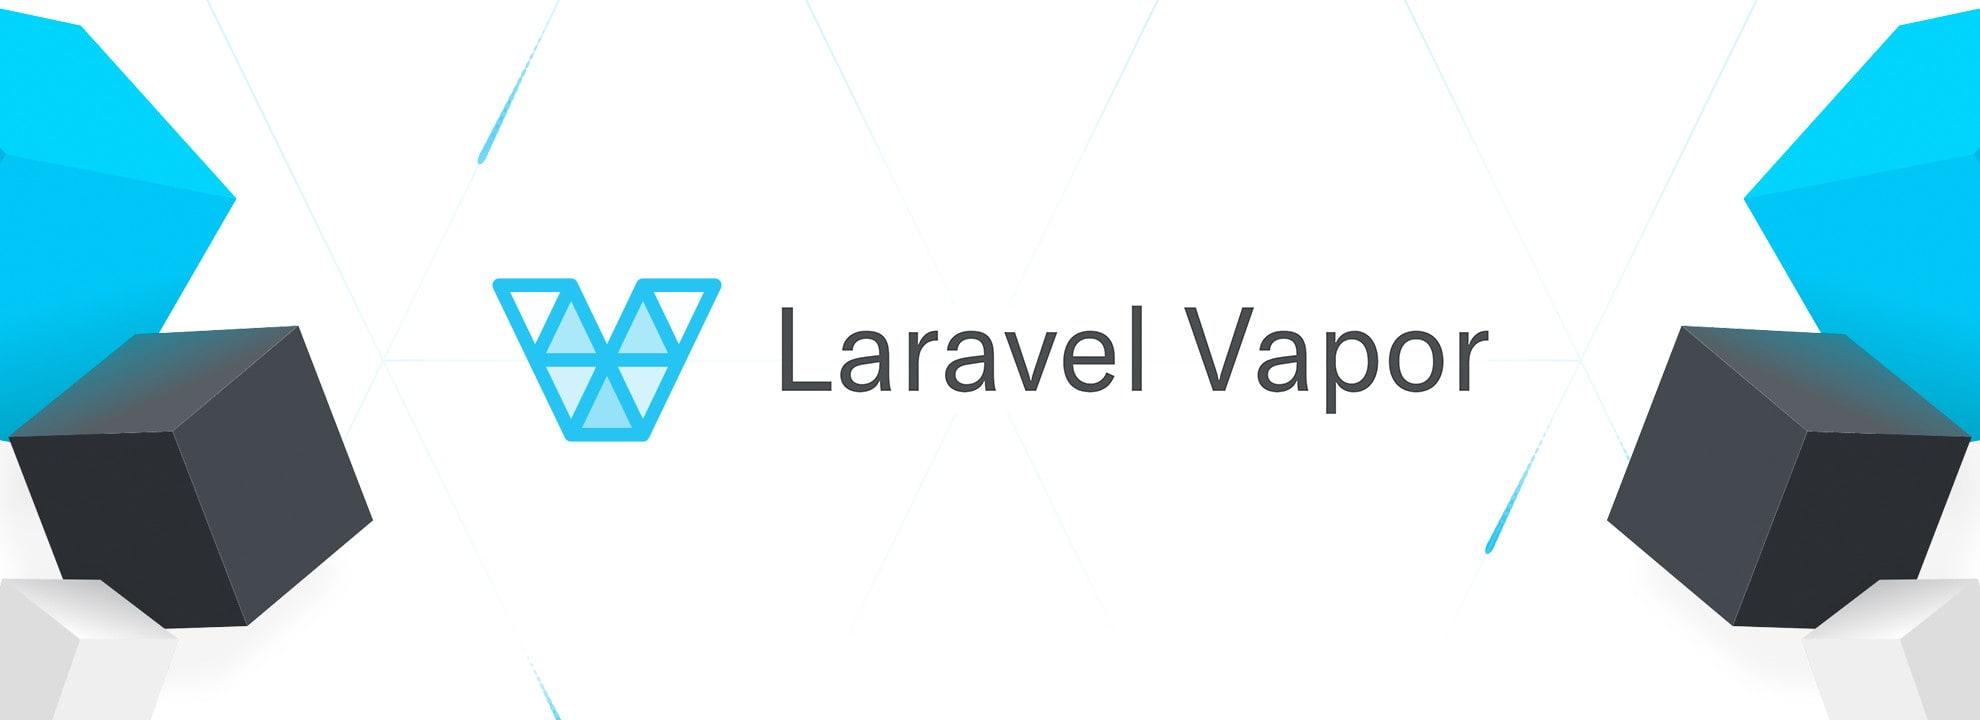 Laravel Vapor Logo Banner